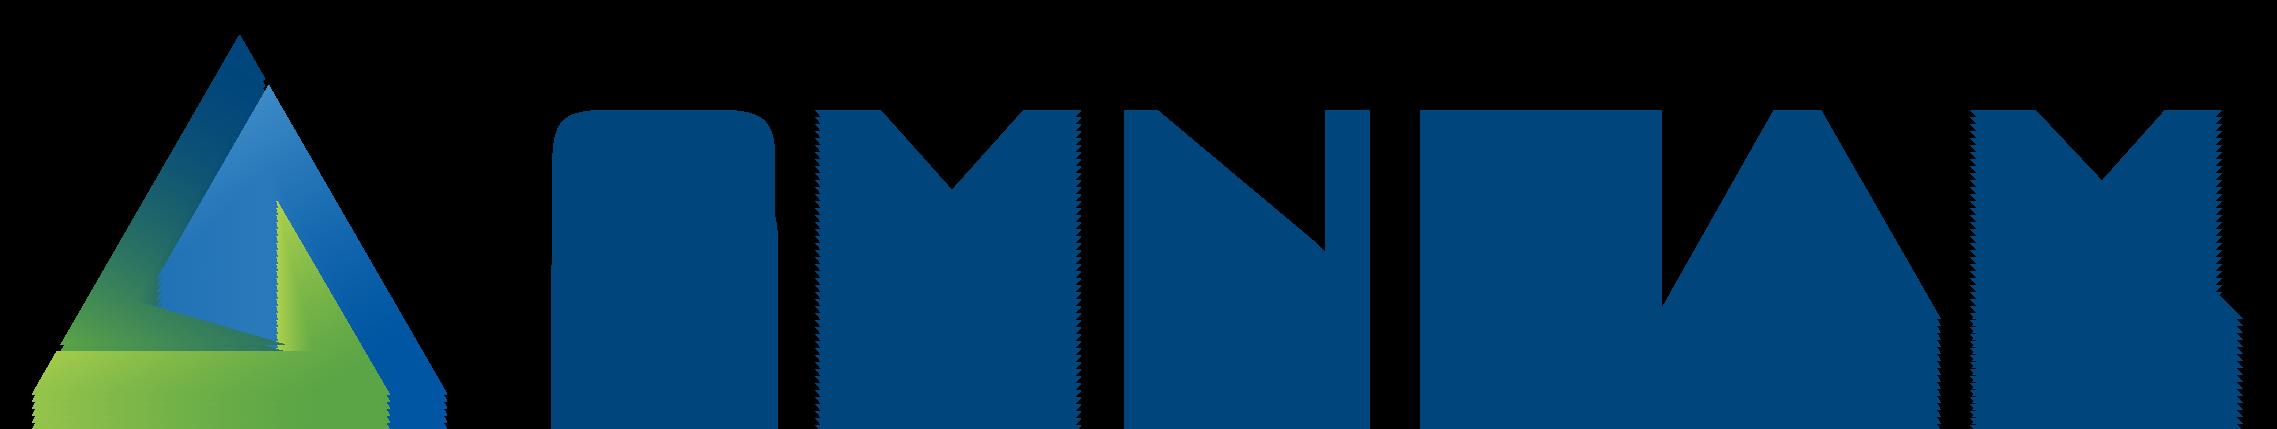 Syntax_Sytems